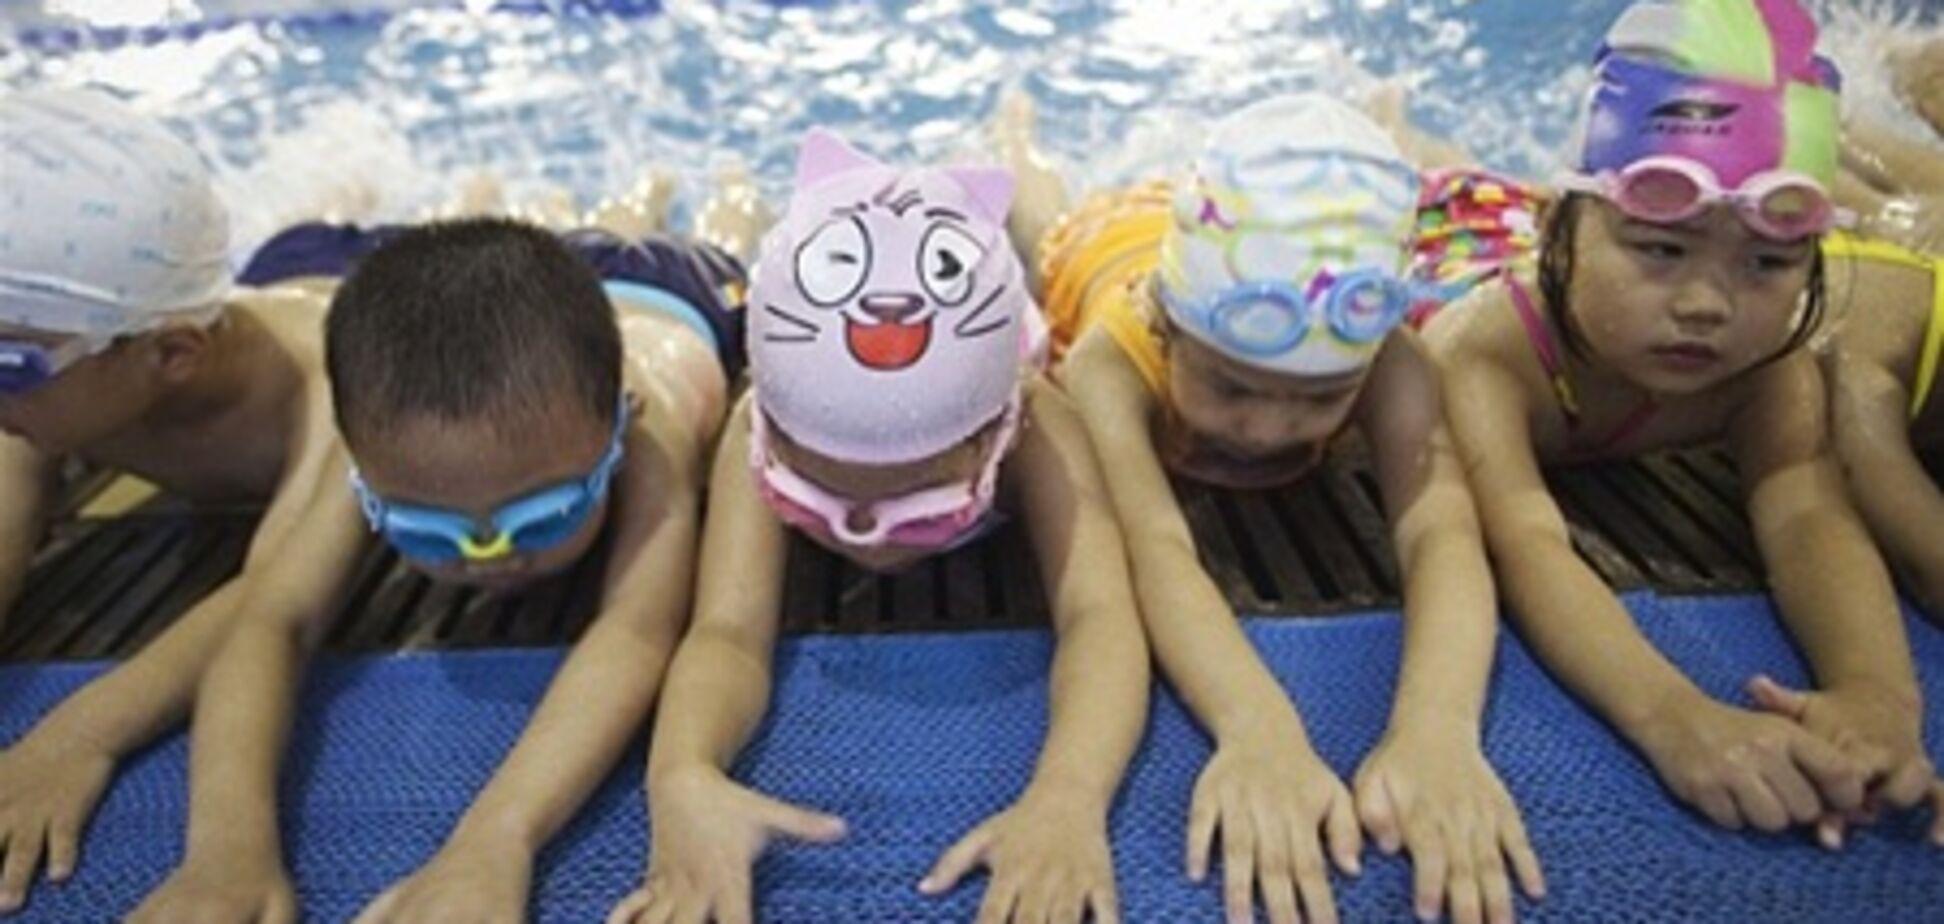 Ради 'золота' Олимпиады у маленьких спортсменов отбирают детство